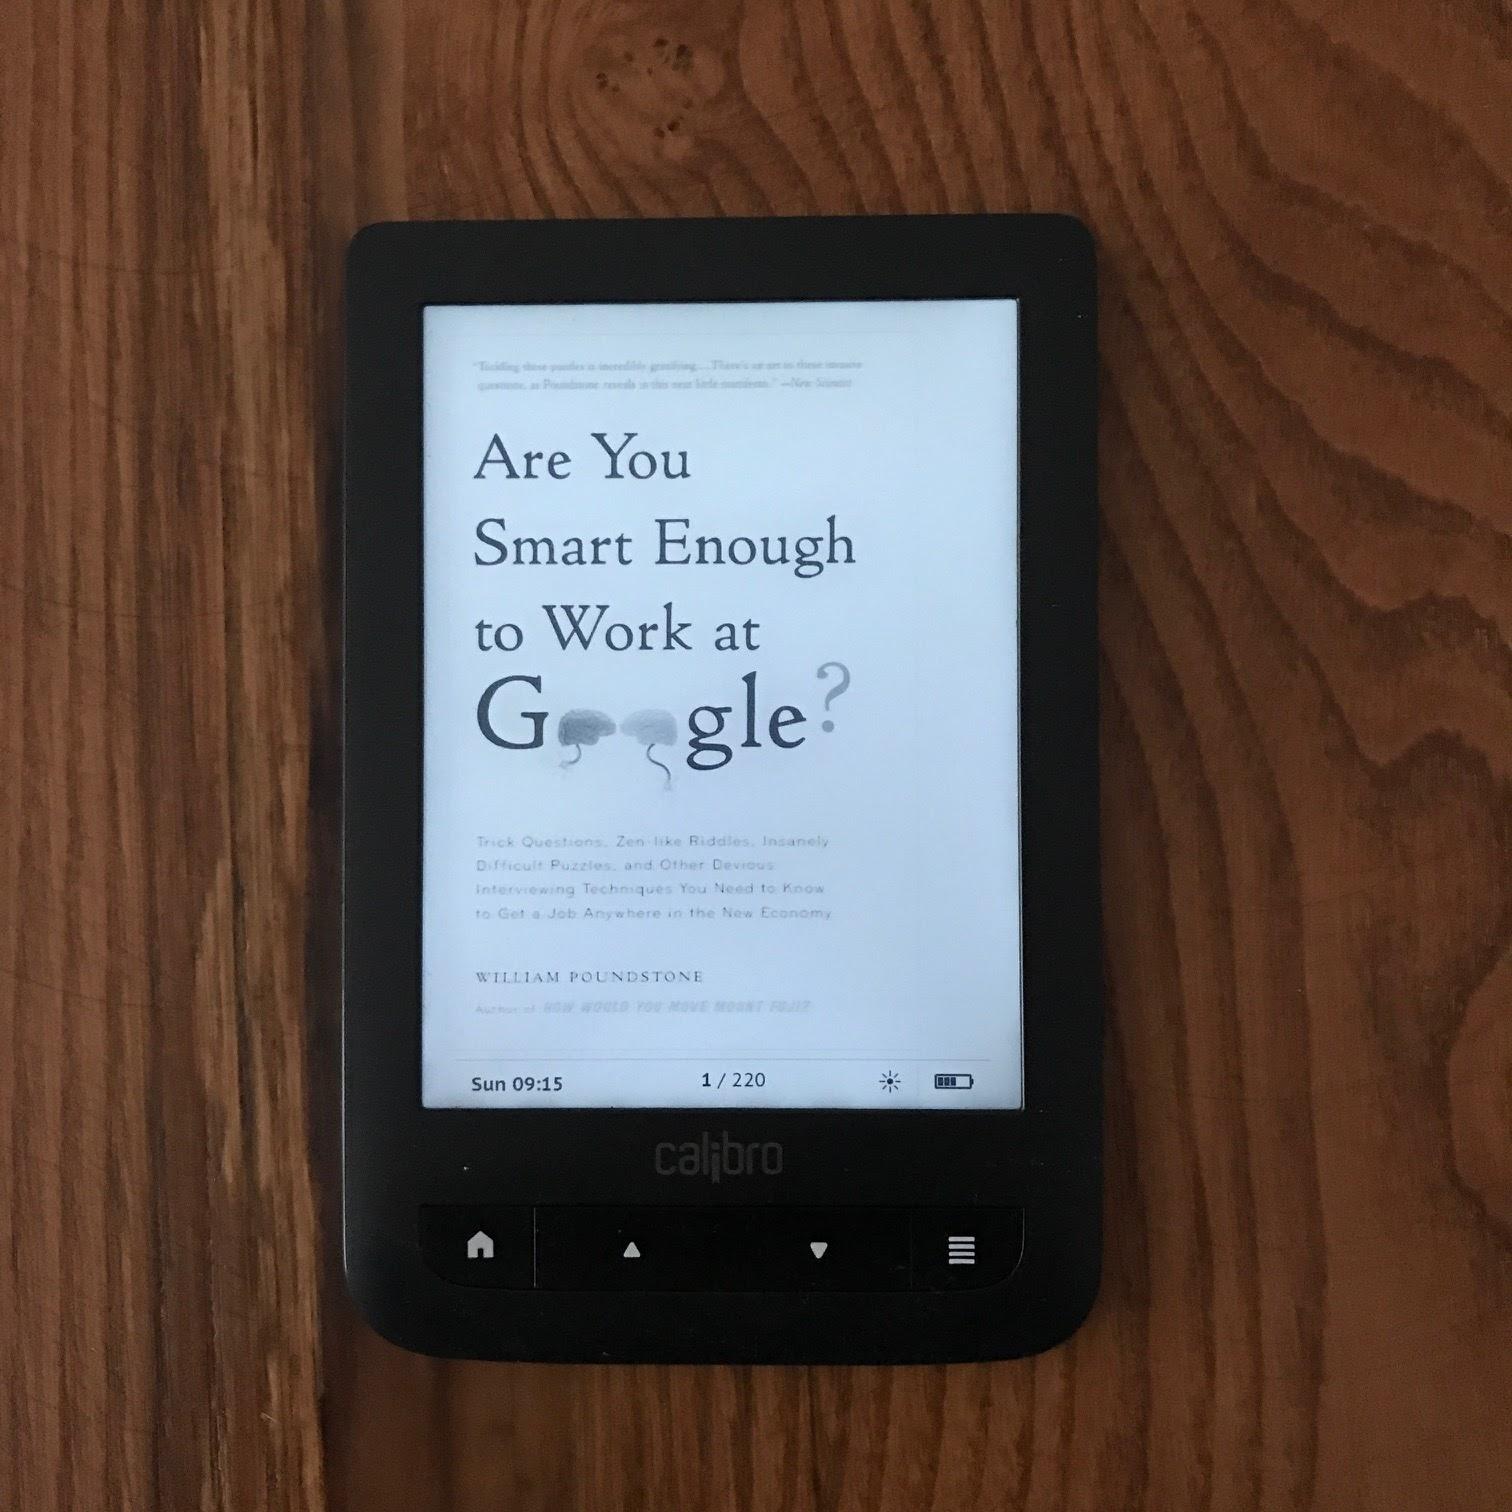 Google'da Calisabilecek Kadar Akilli Misiniz? (Are You Smart Enough to Work at Google?) (Kitap)